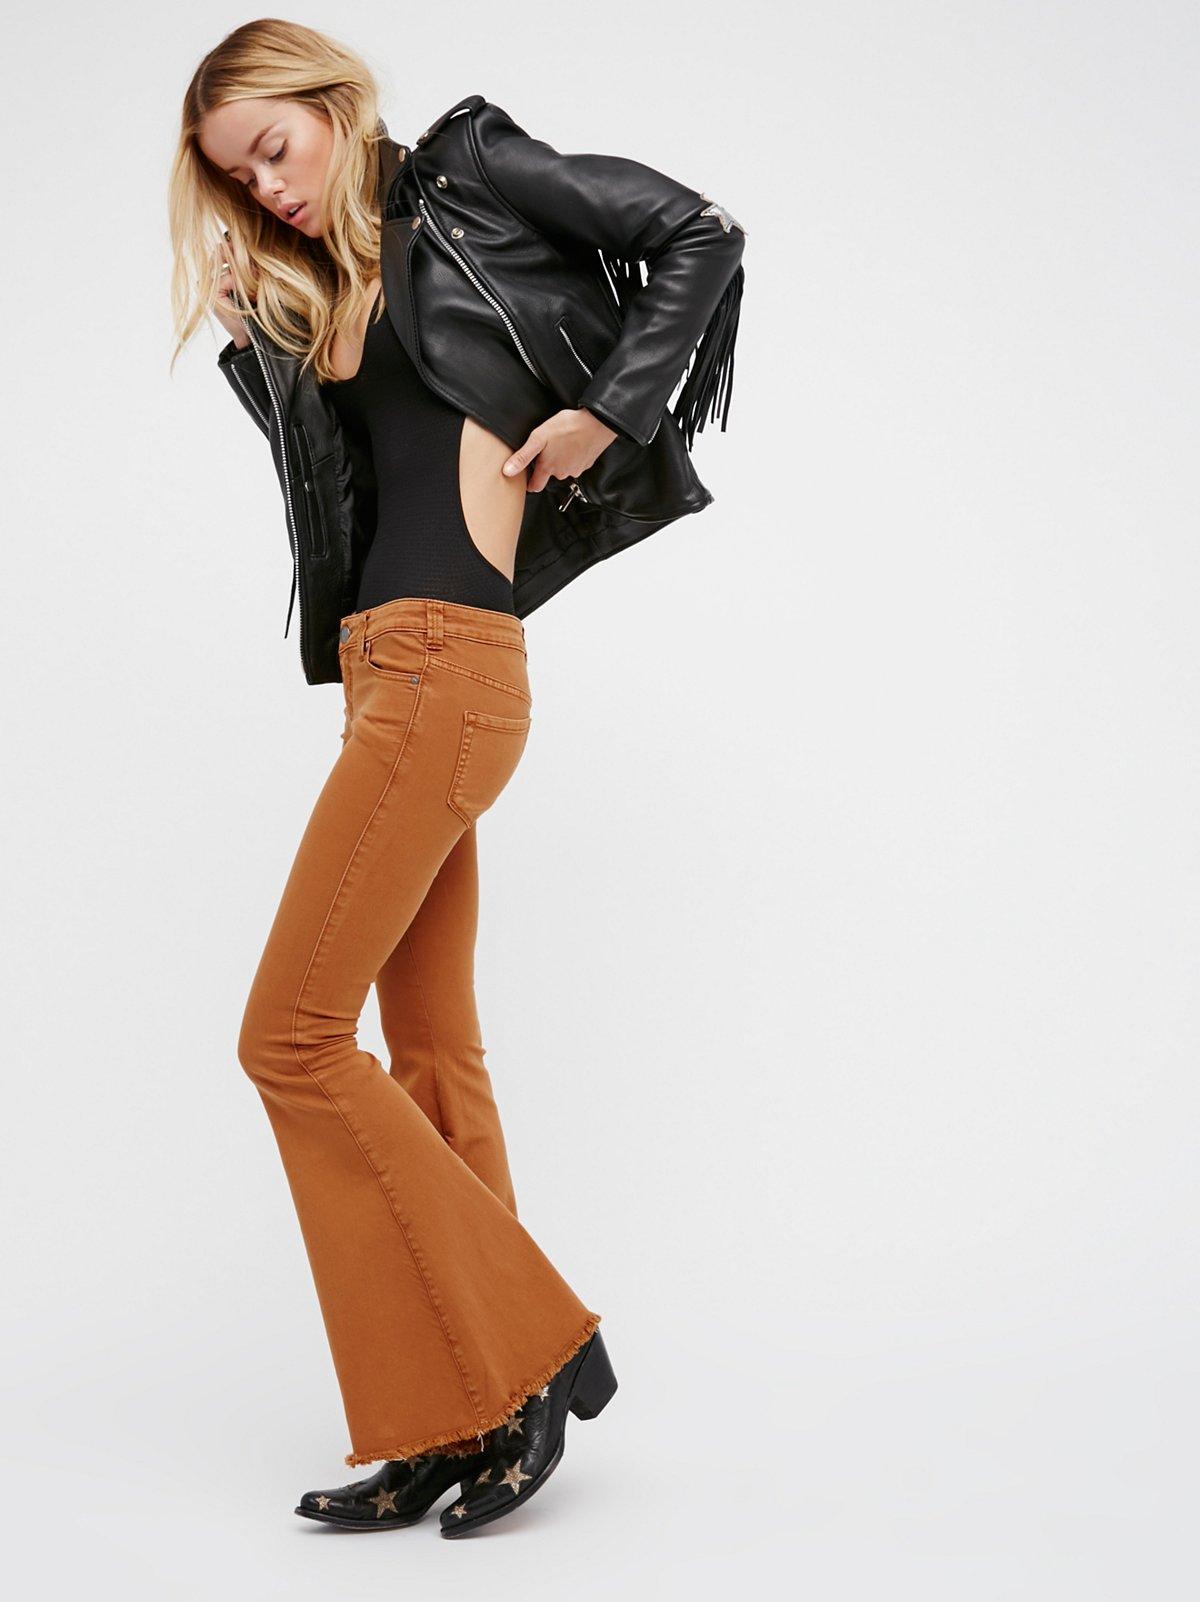 超低腰喇叭牛仔裤